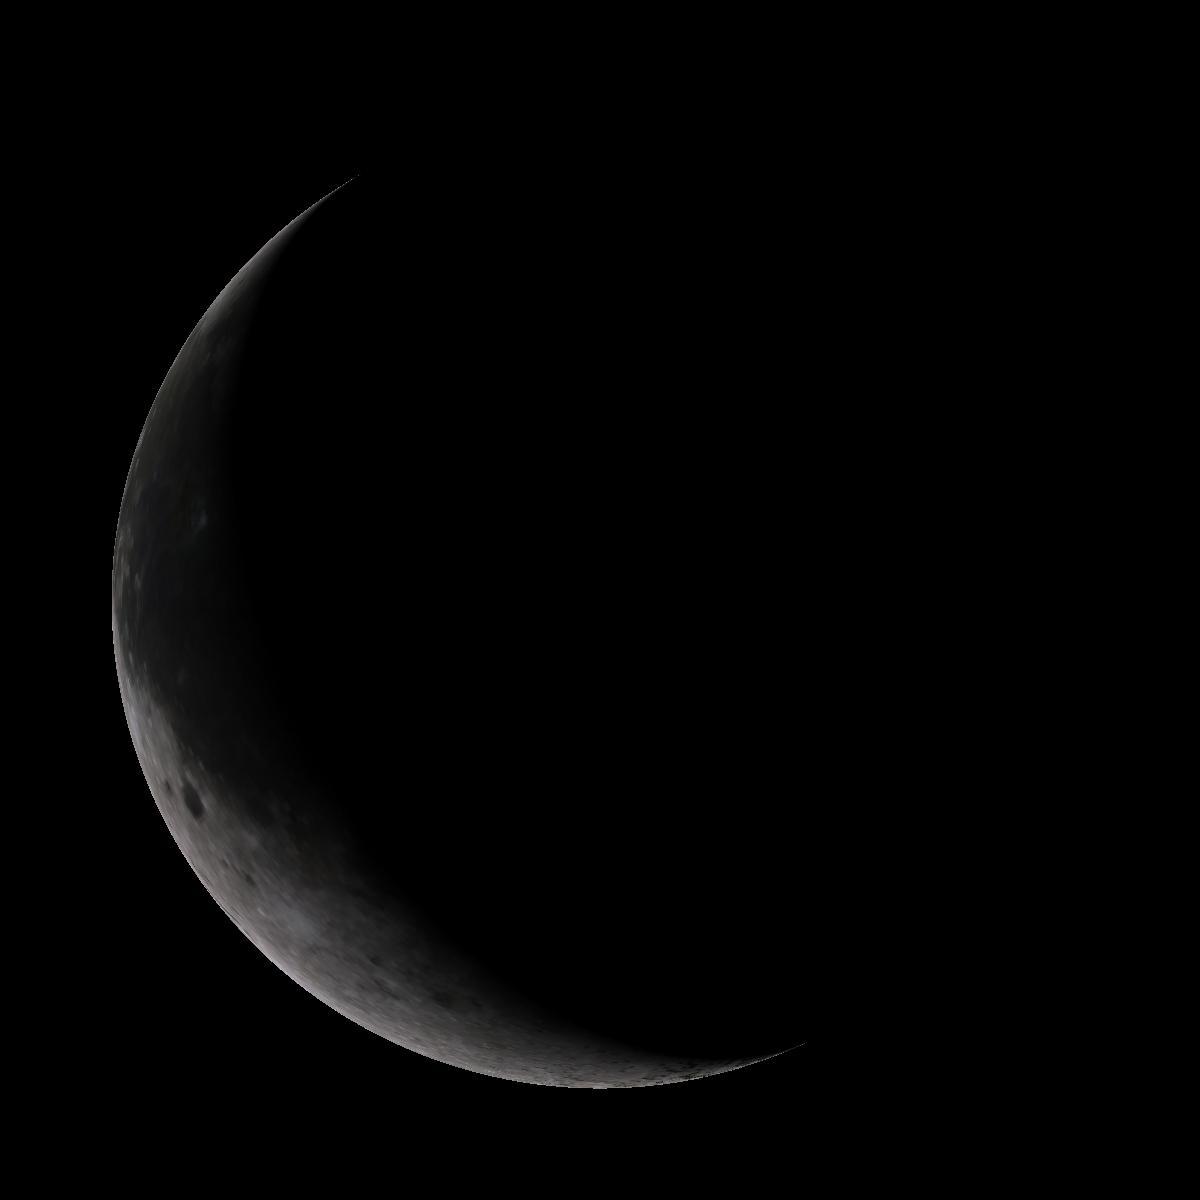 Lune du 23 novembre 2019